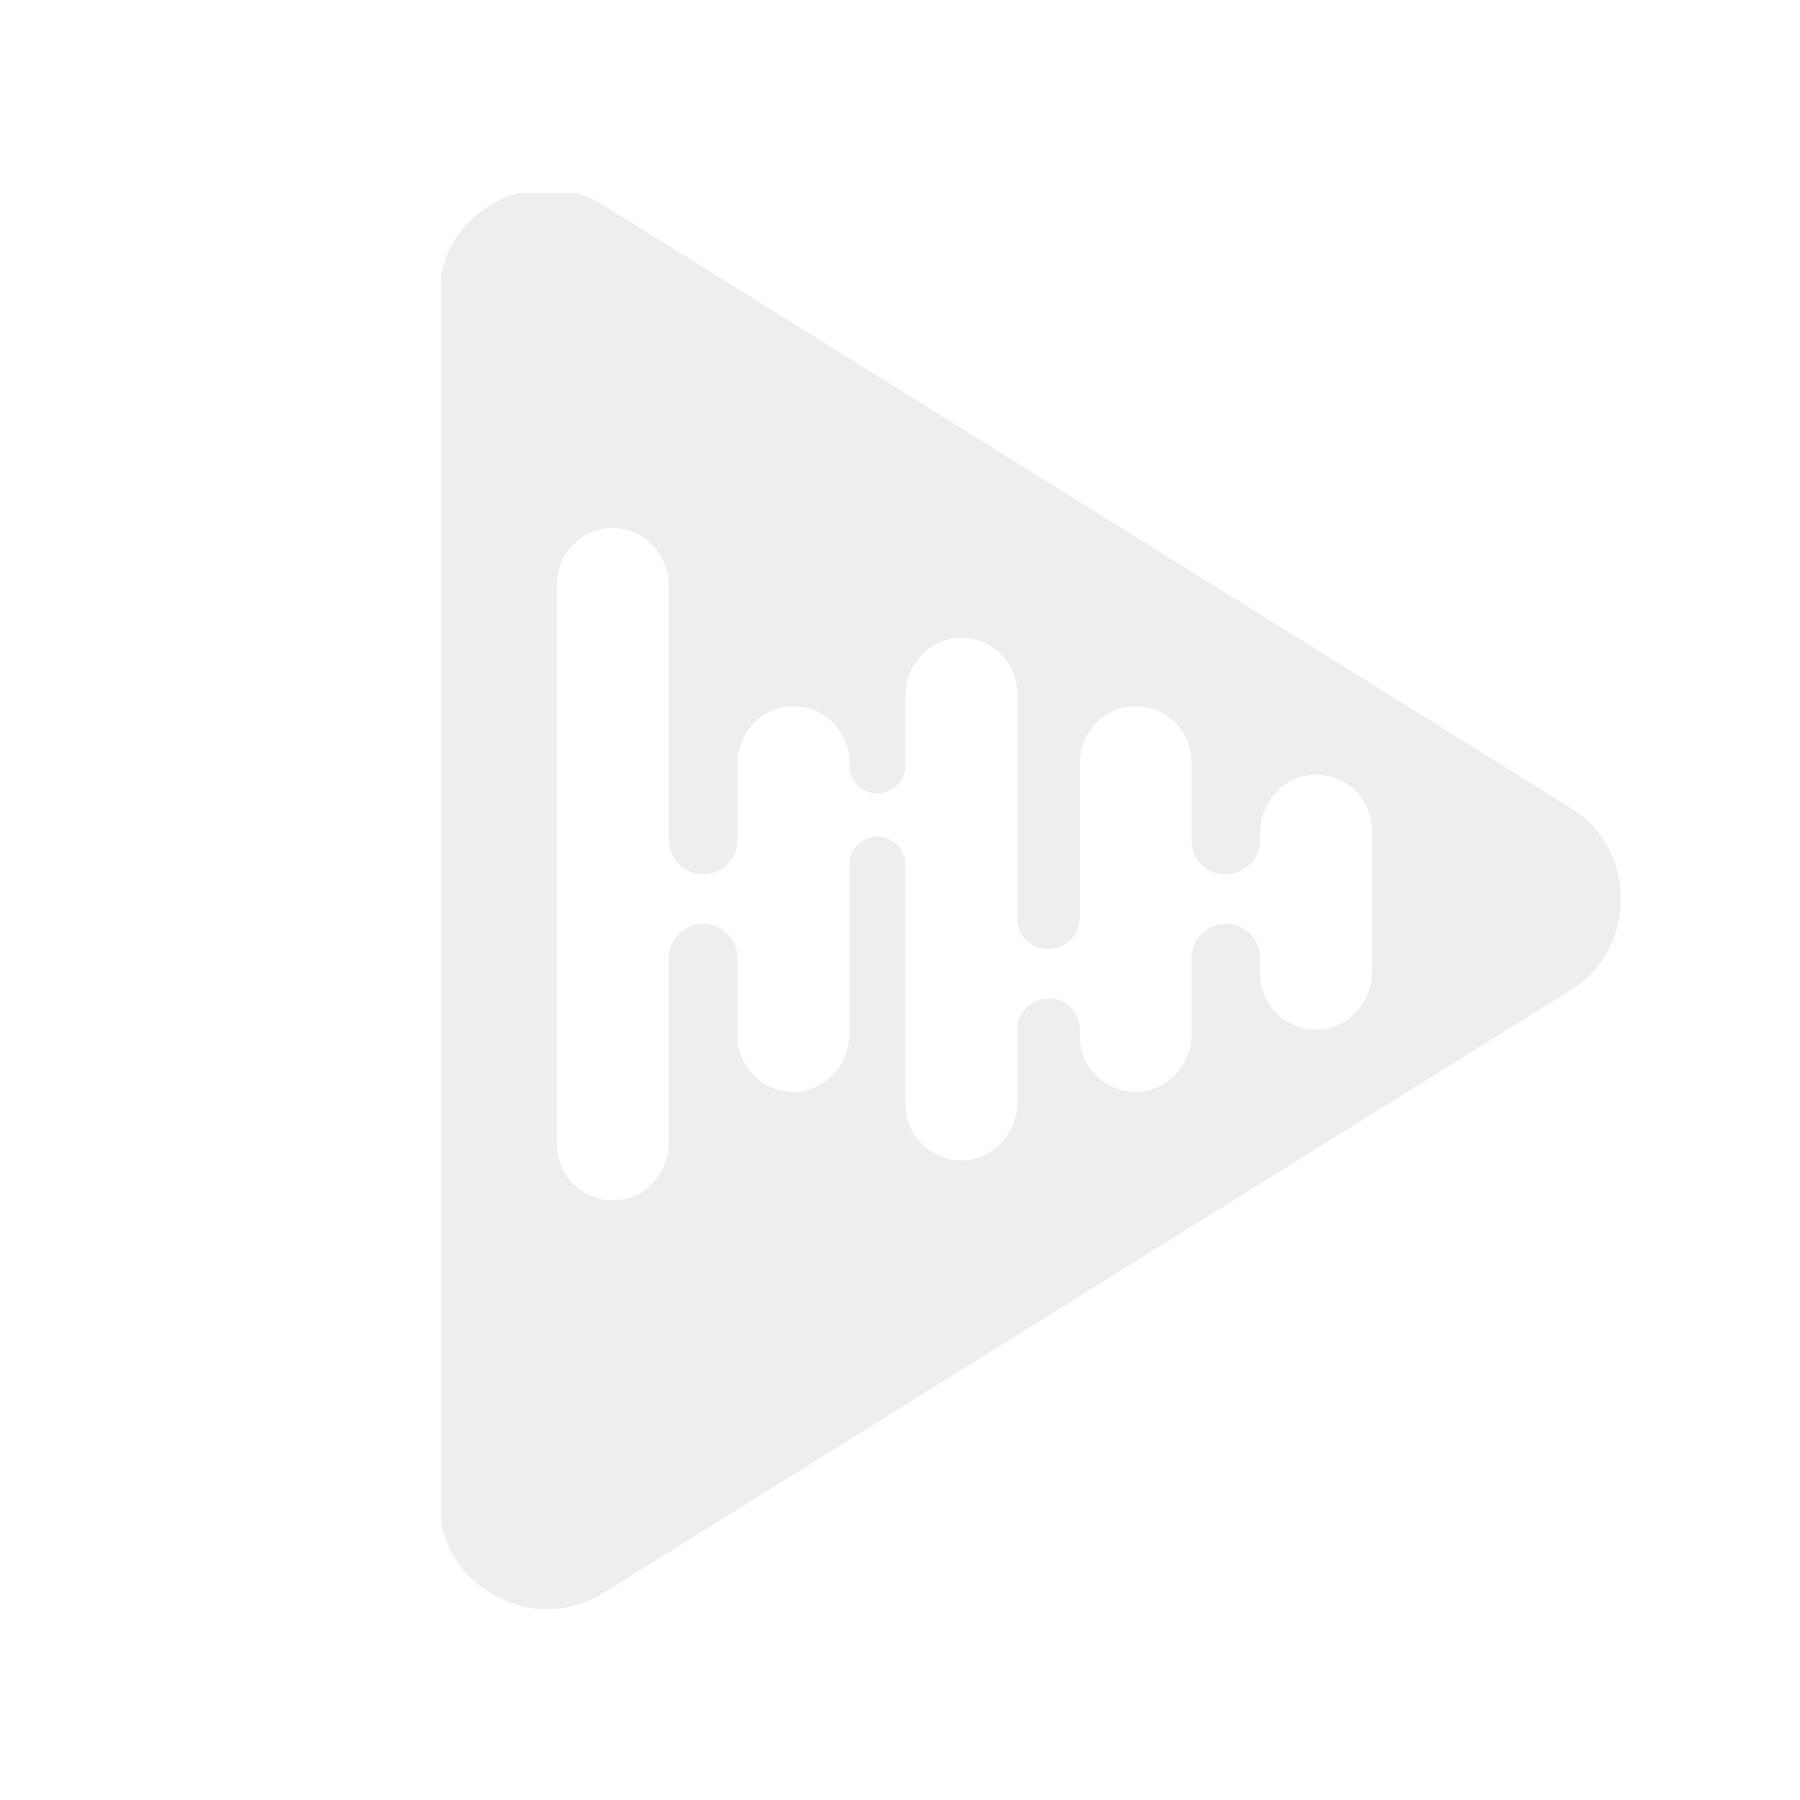 ACV 51-215-010